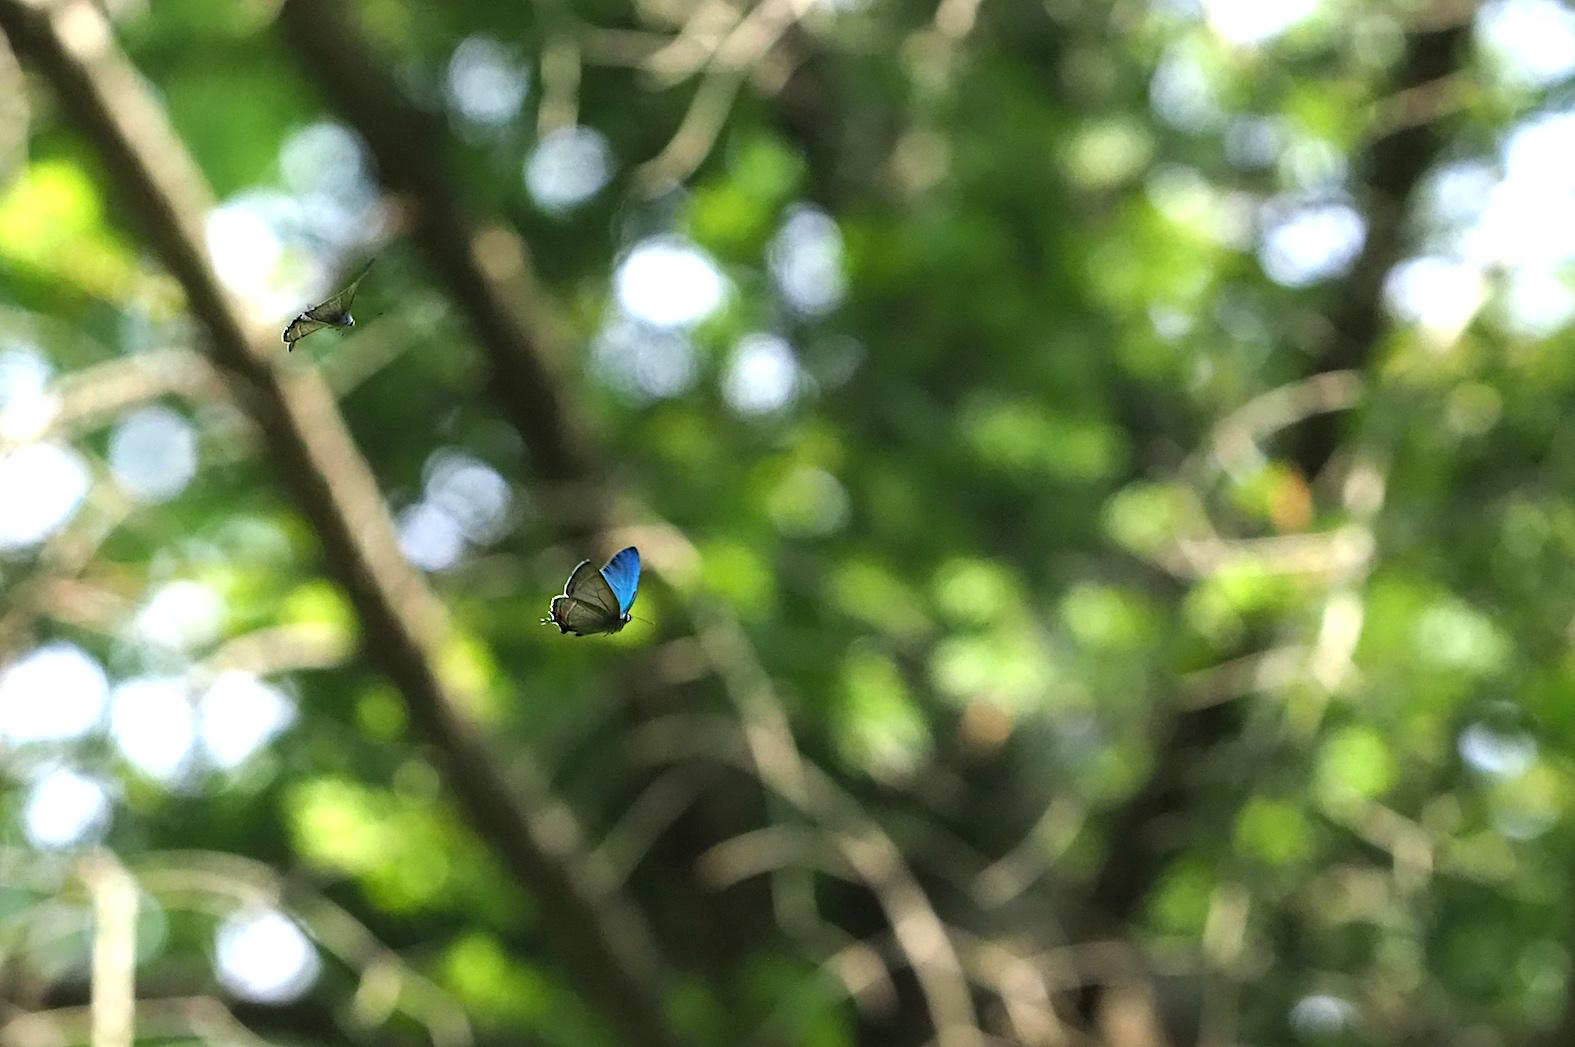 オオミドリシジミ三昧の日・その3 卍巴飛翔編(2018年6月7日)_d0303129_4274530.jpg